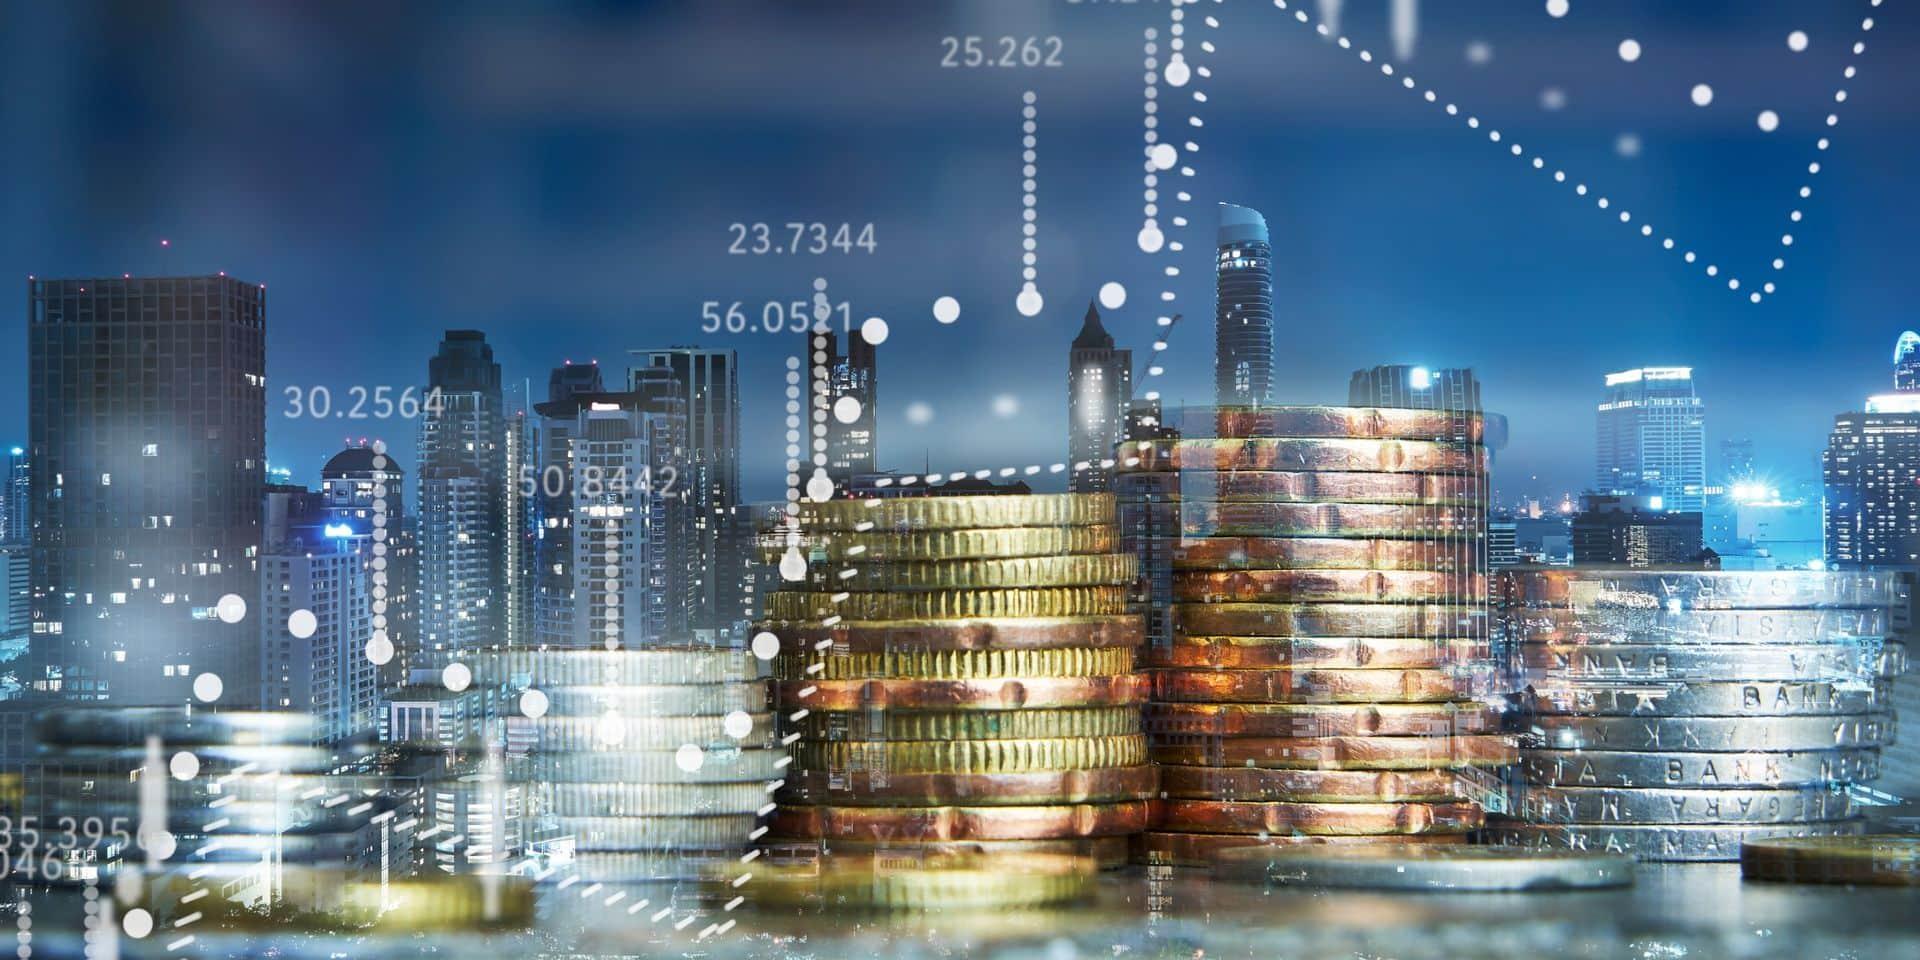 La dette de l'Etat fédéral belge atteint les 417 milliards d'euros à l'issue de 2020